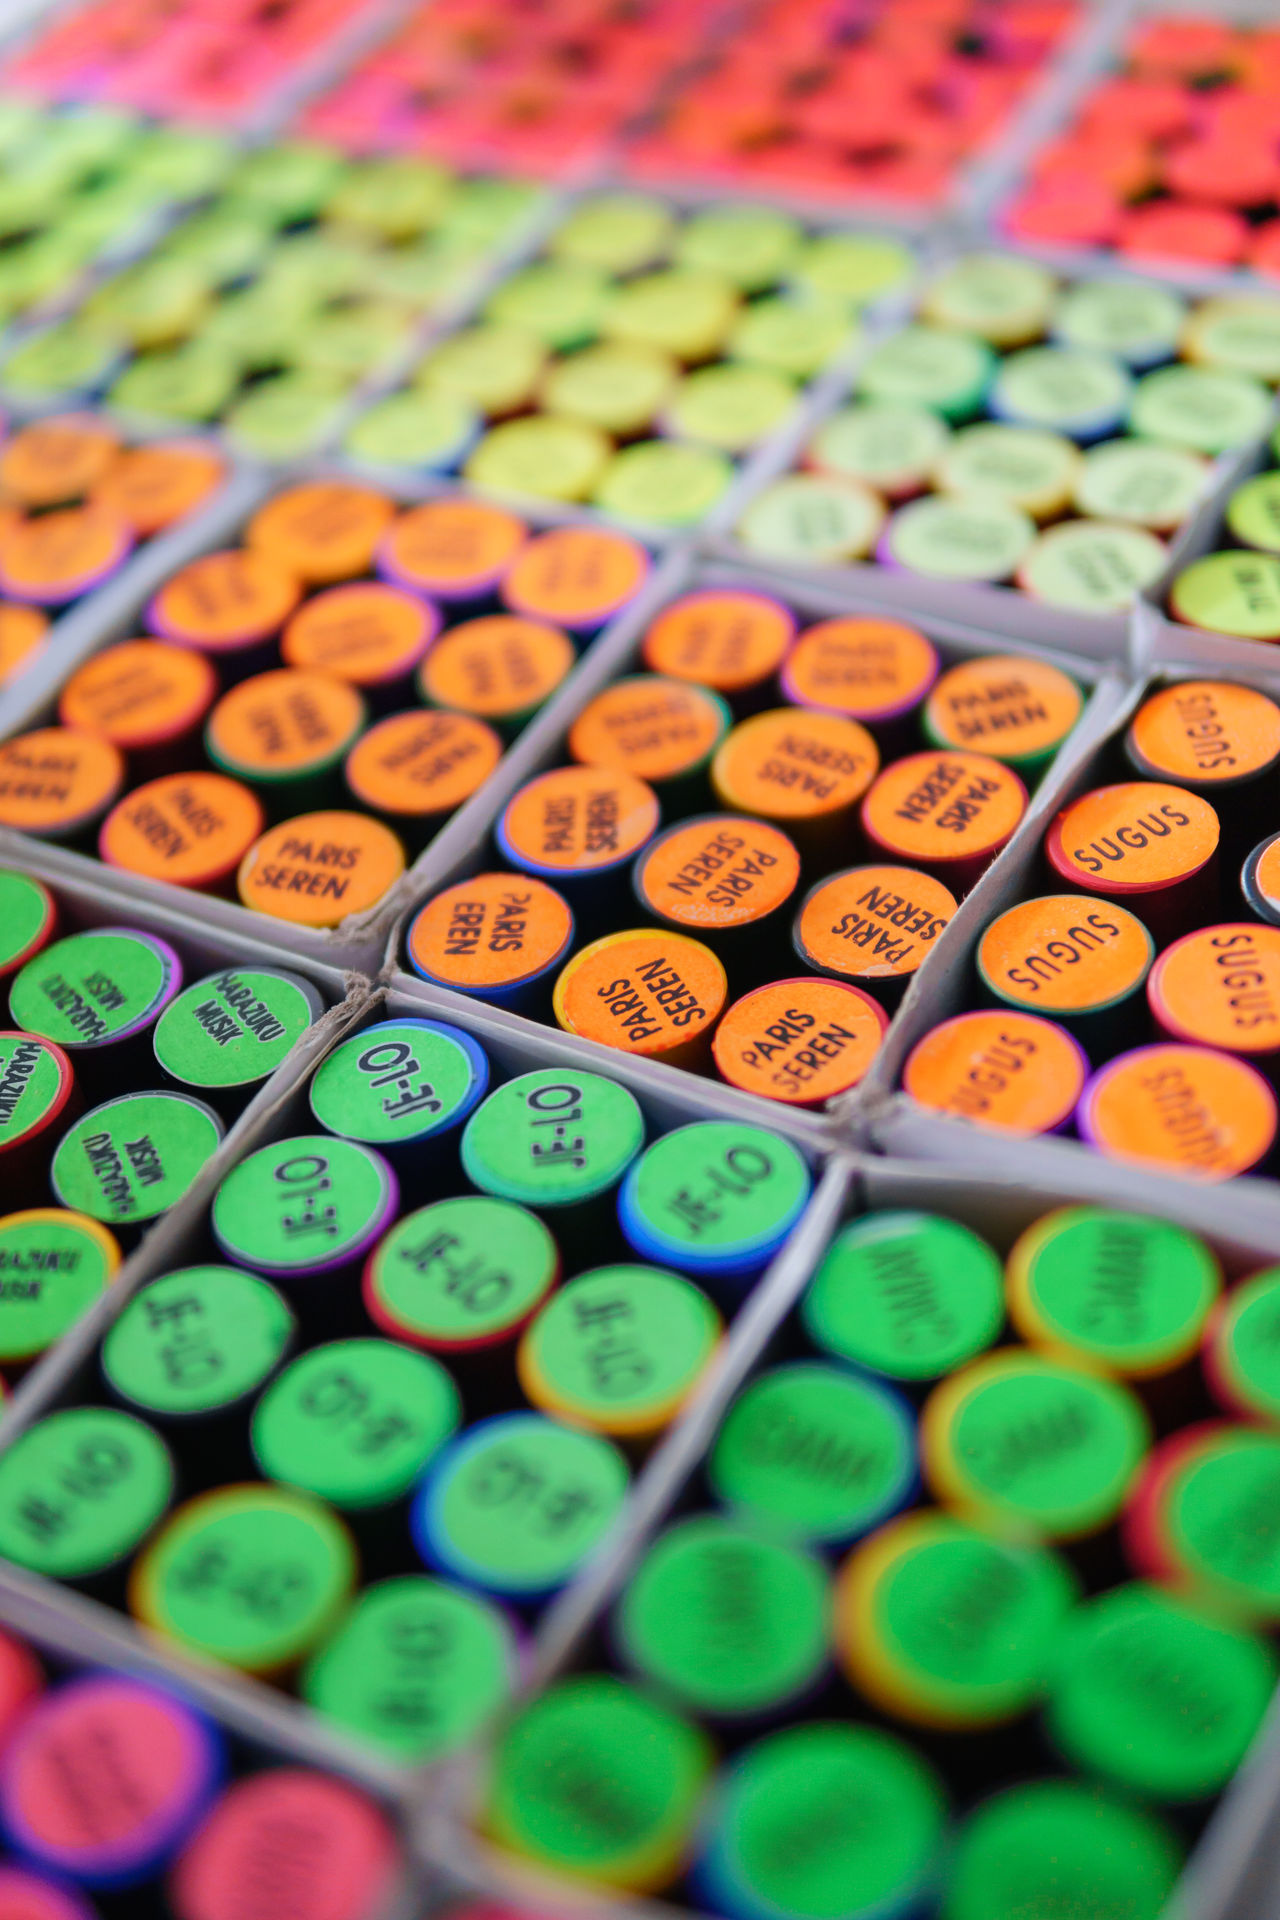 parfume bottles Abundance Beautifully Organized Bottle Close-up Large Group Of Objects Multi Colored No People Parfume Variation